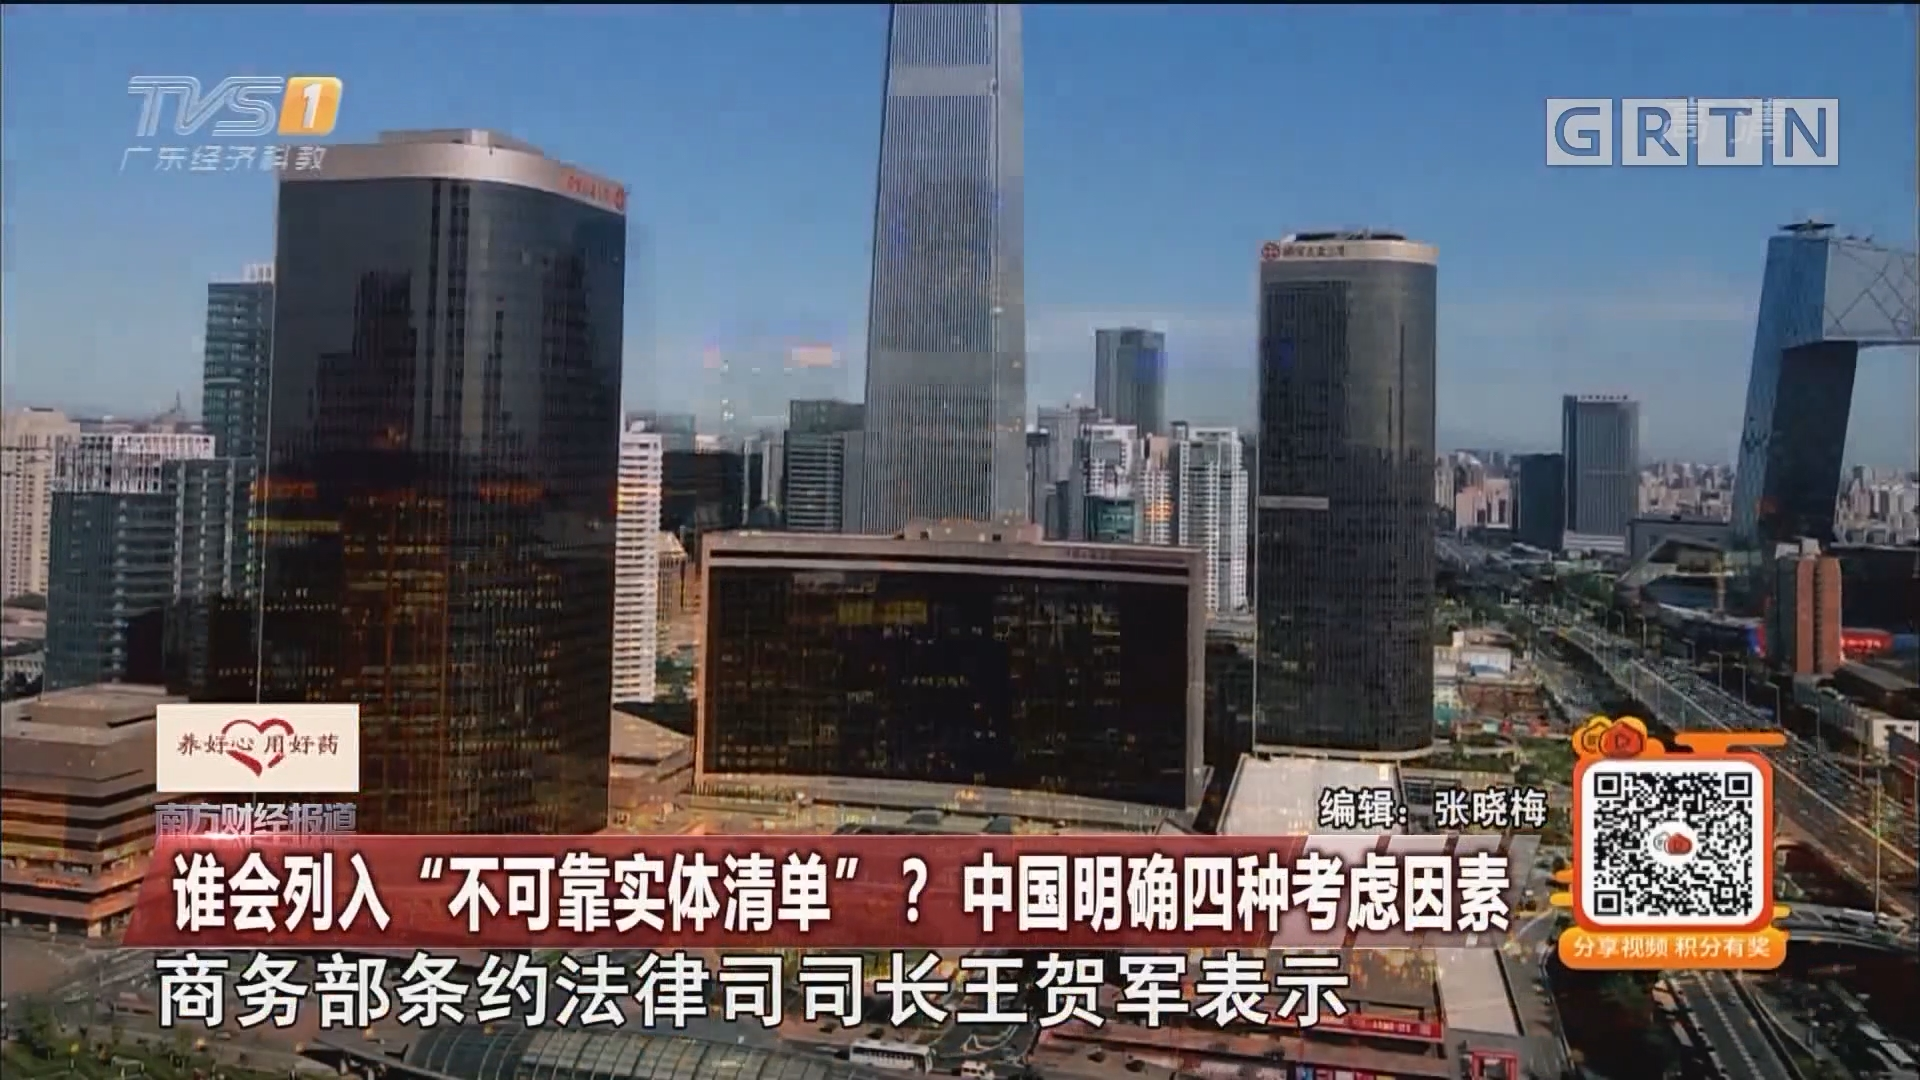 """谁会列入""""不可靠实体清单""""?中国明确四种考虑因素"""